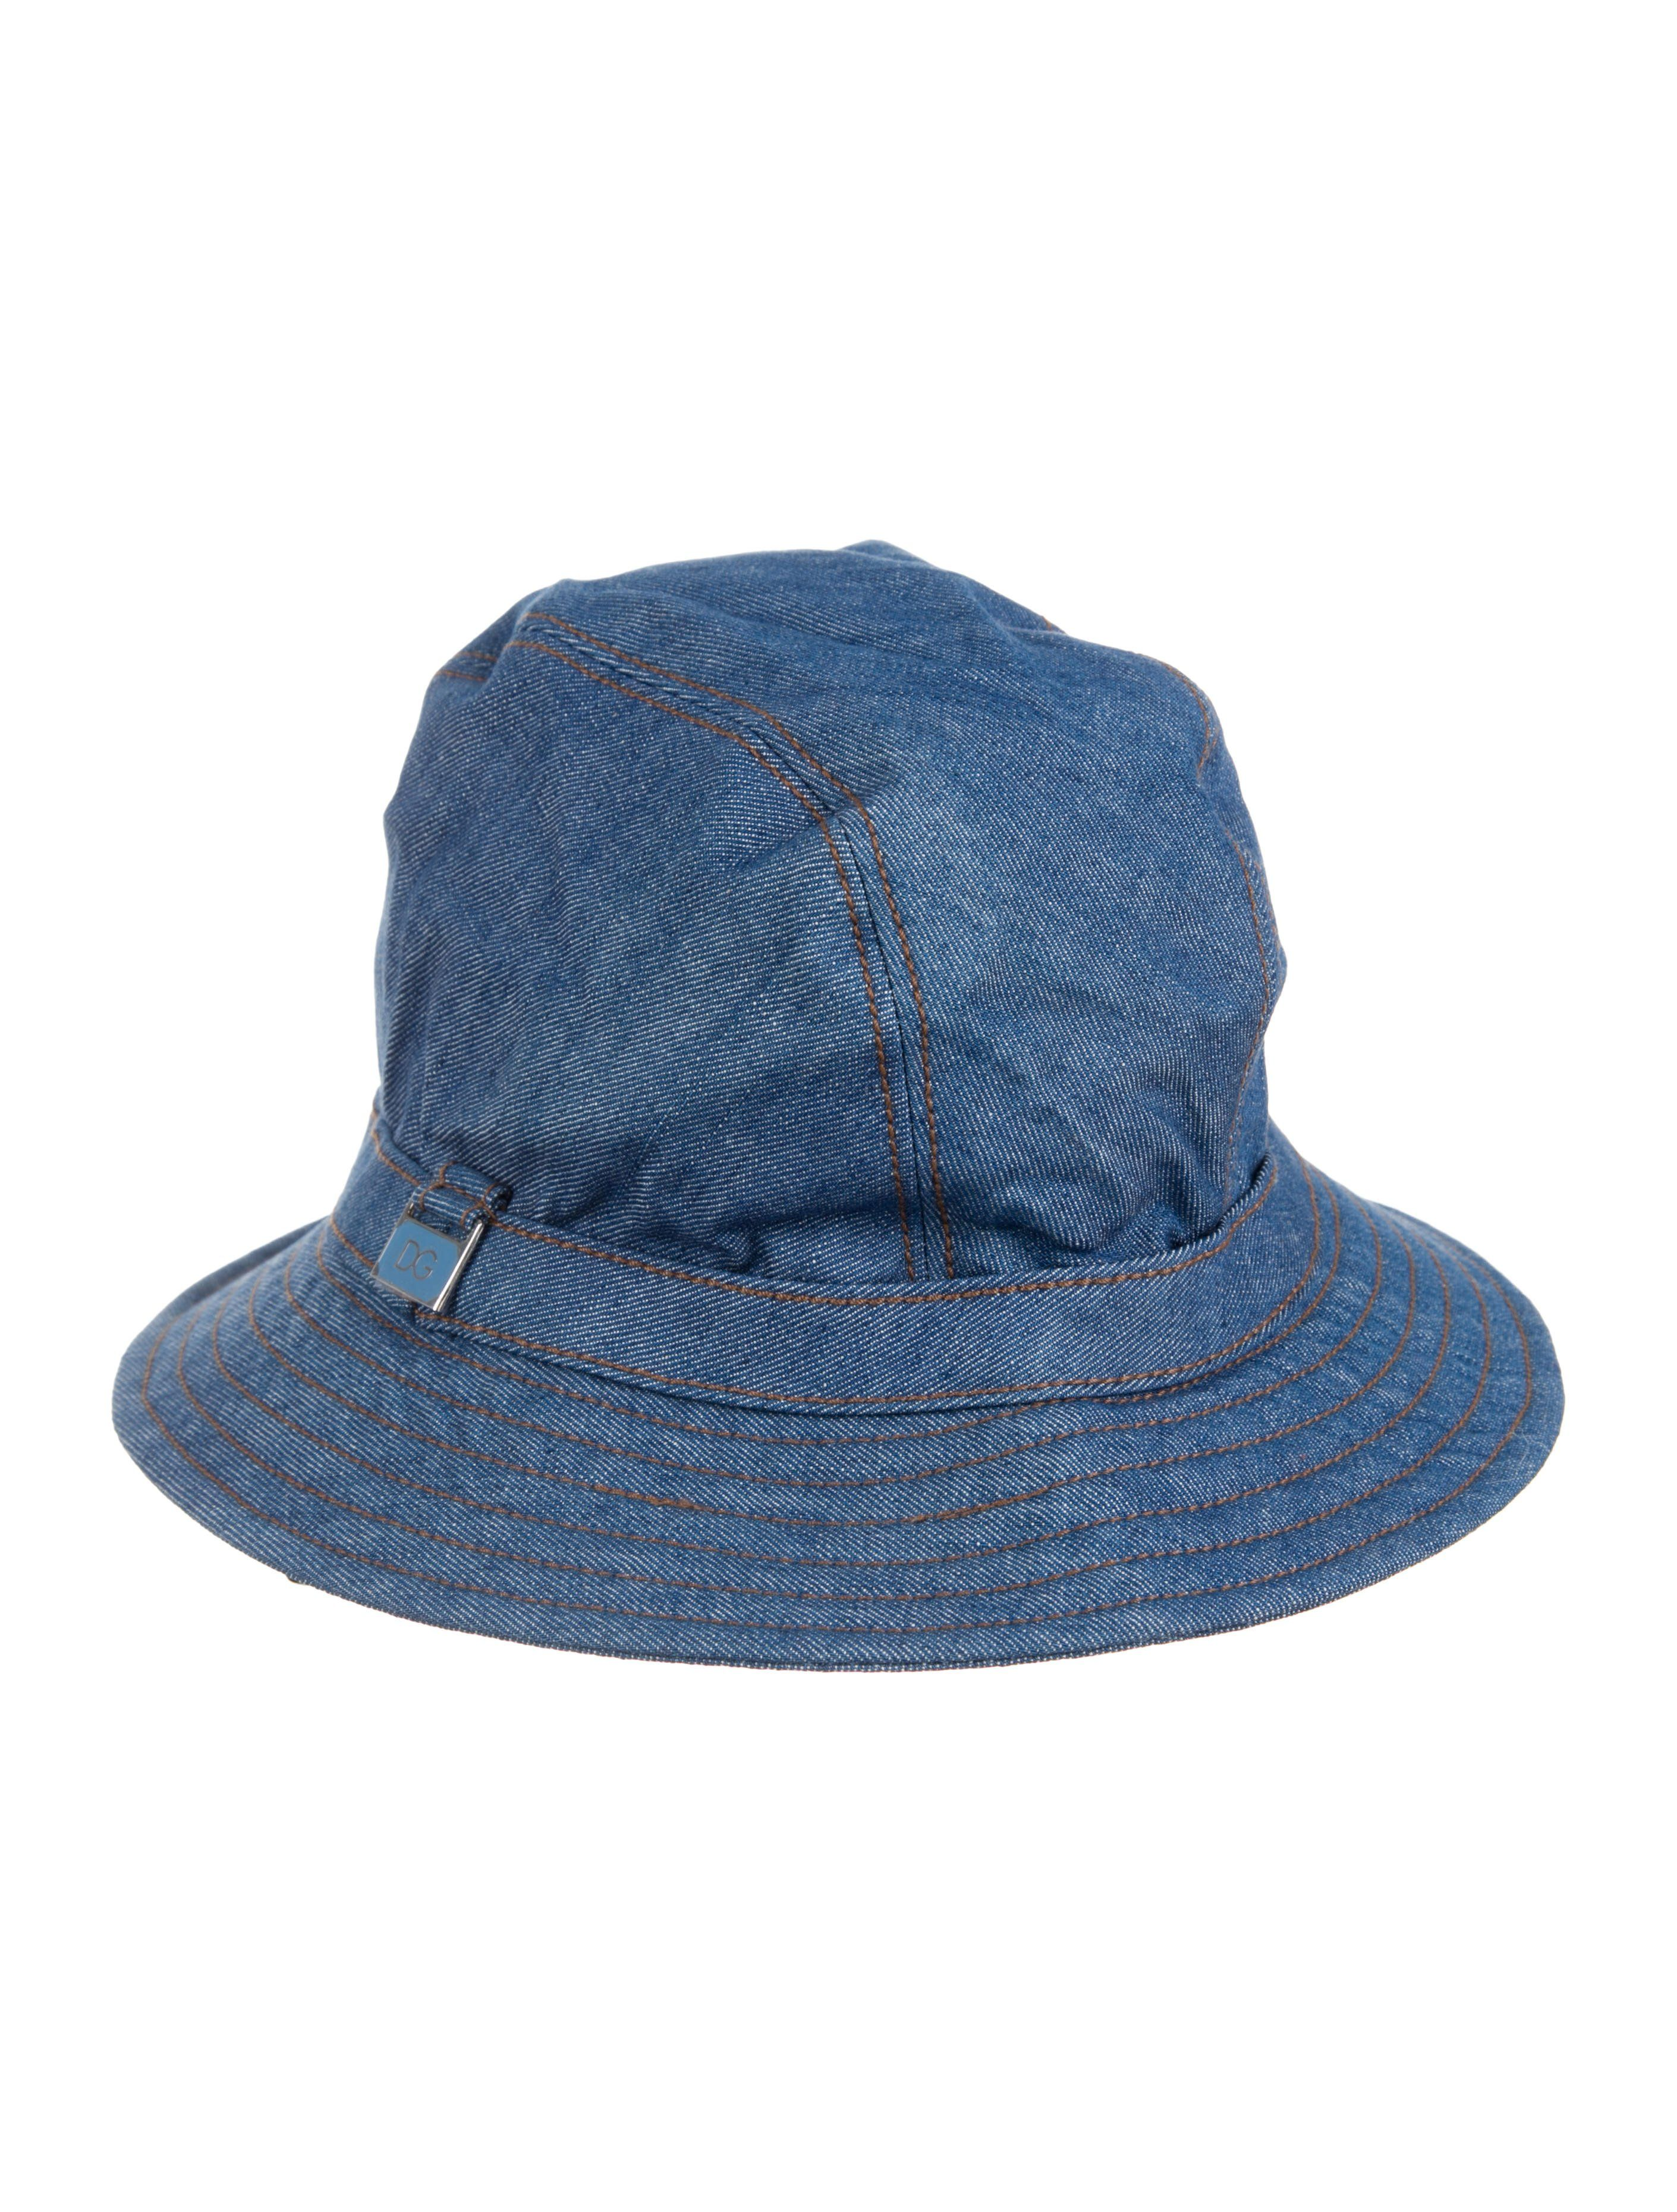 752ca40e1b5b8 LEVI S Orange Tab Denim Bucket Hat - Light Blue.  levis  all ...